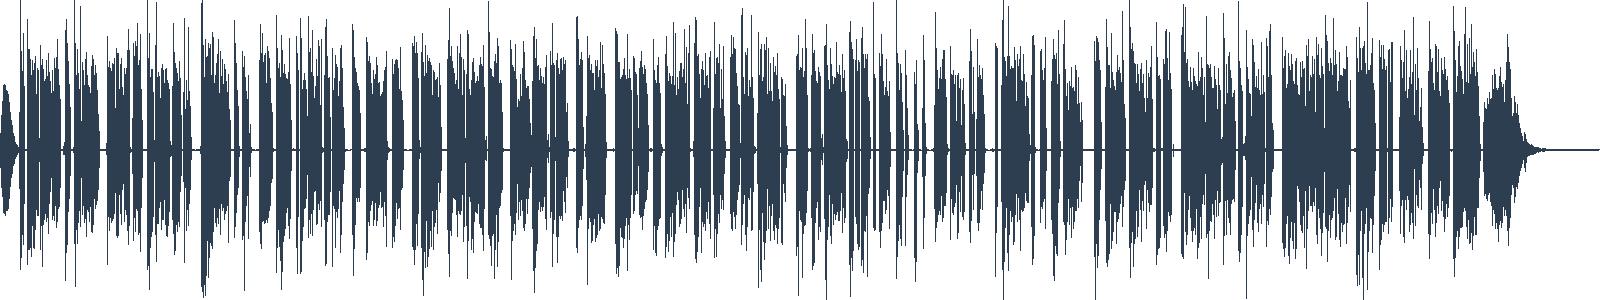 Fašismus - Varování - ukázka z audioknihy waveform